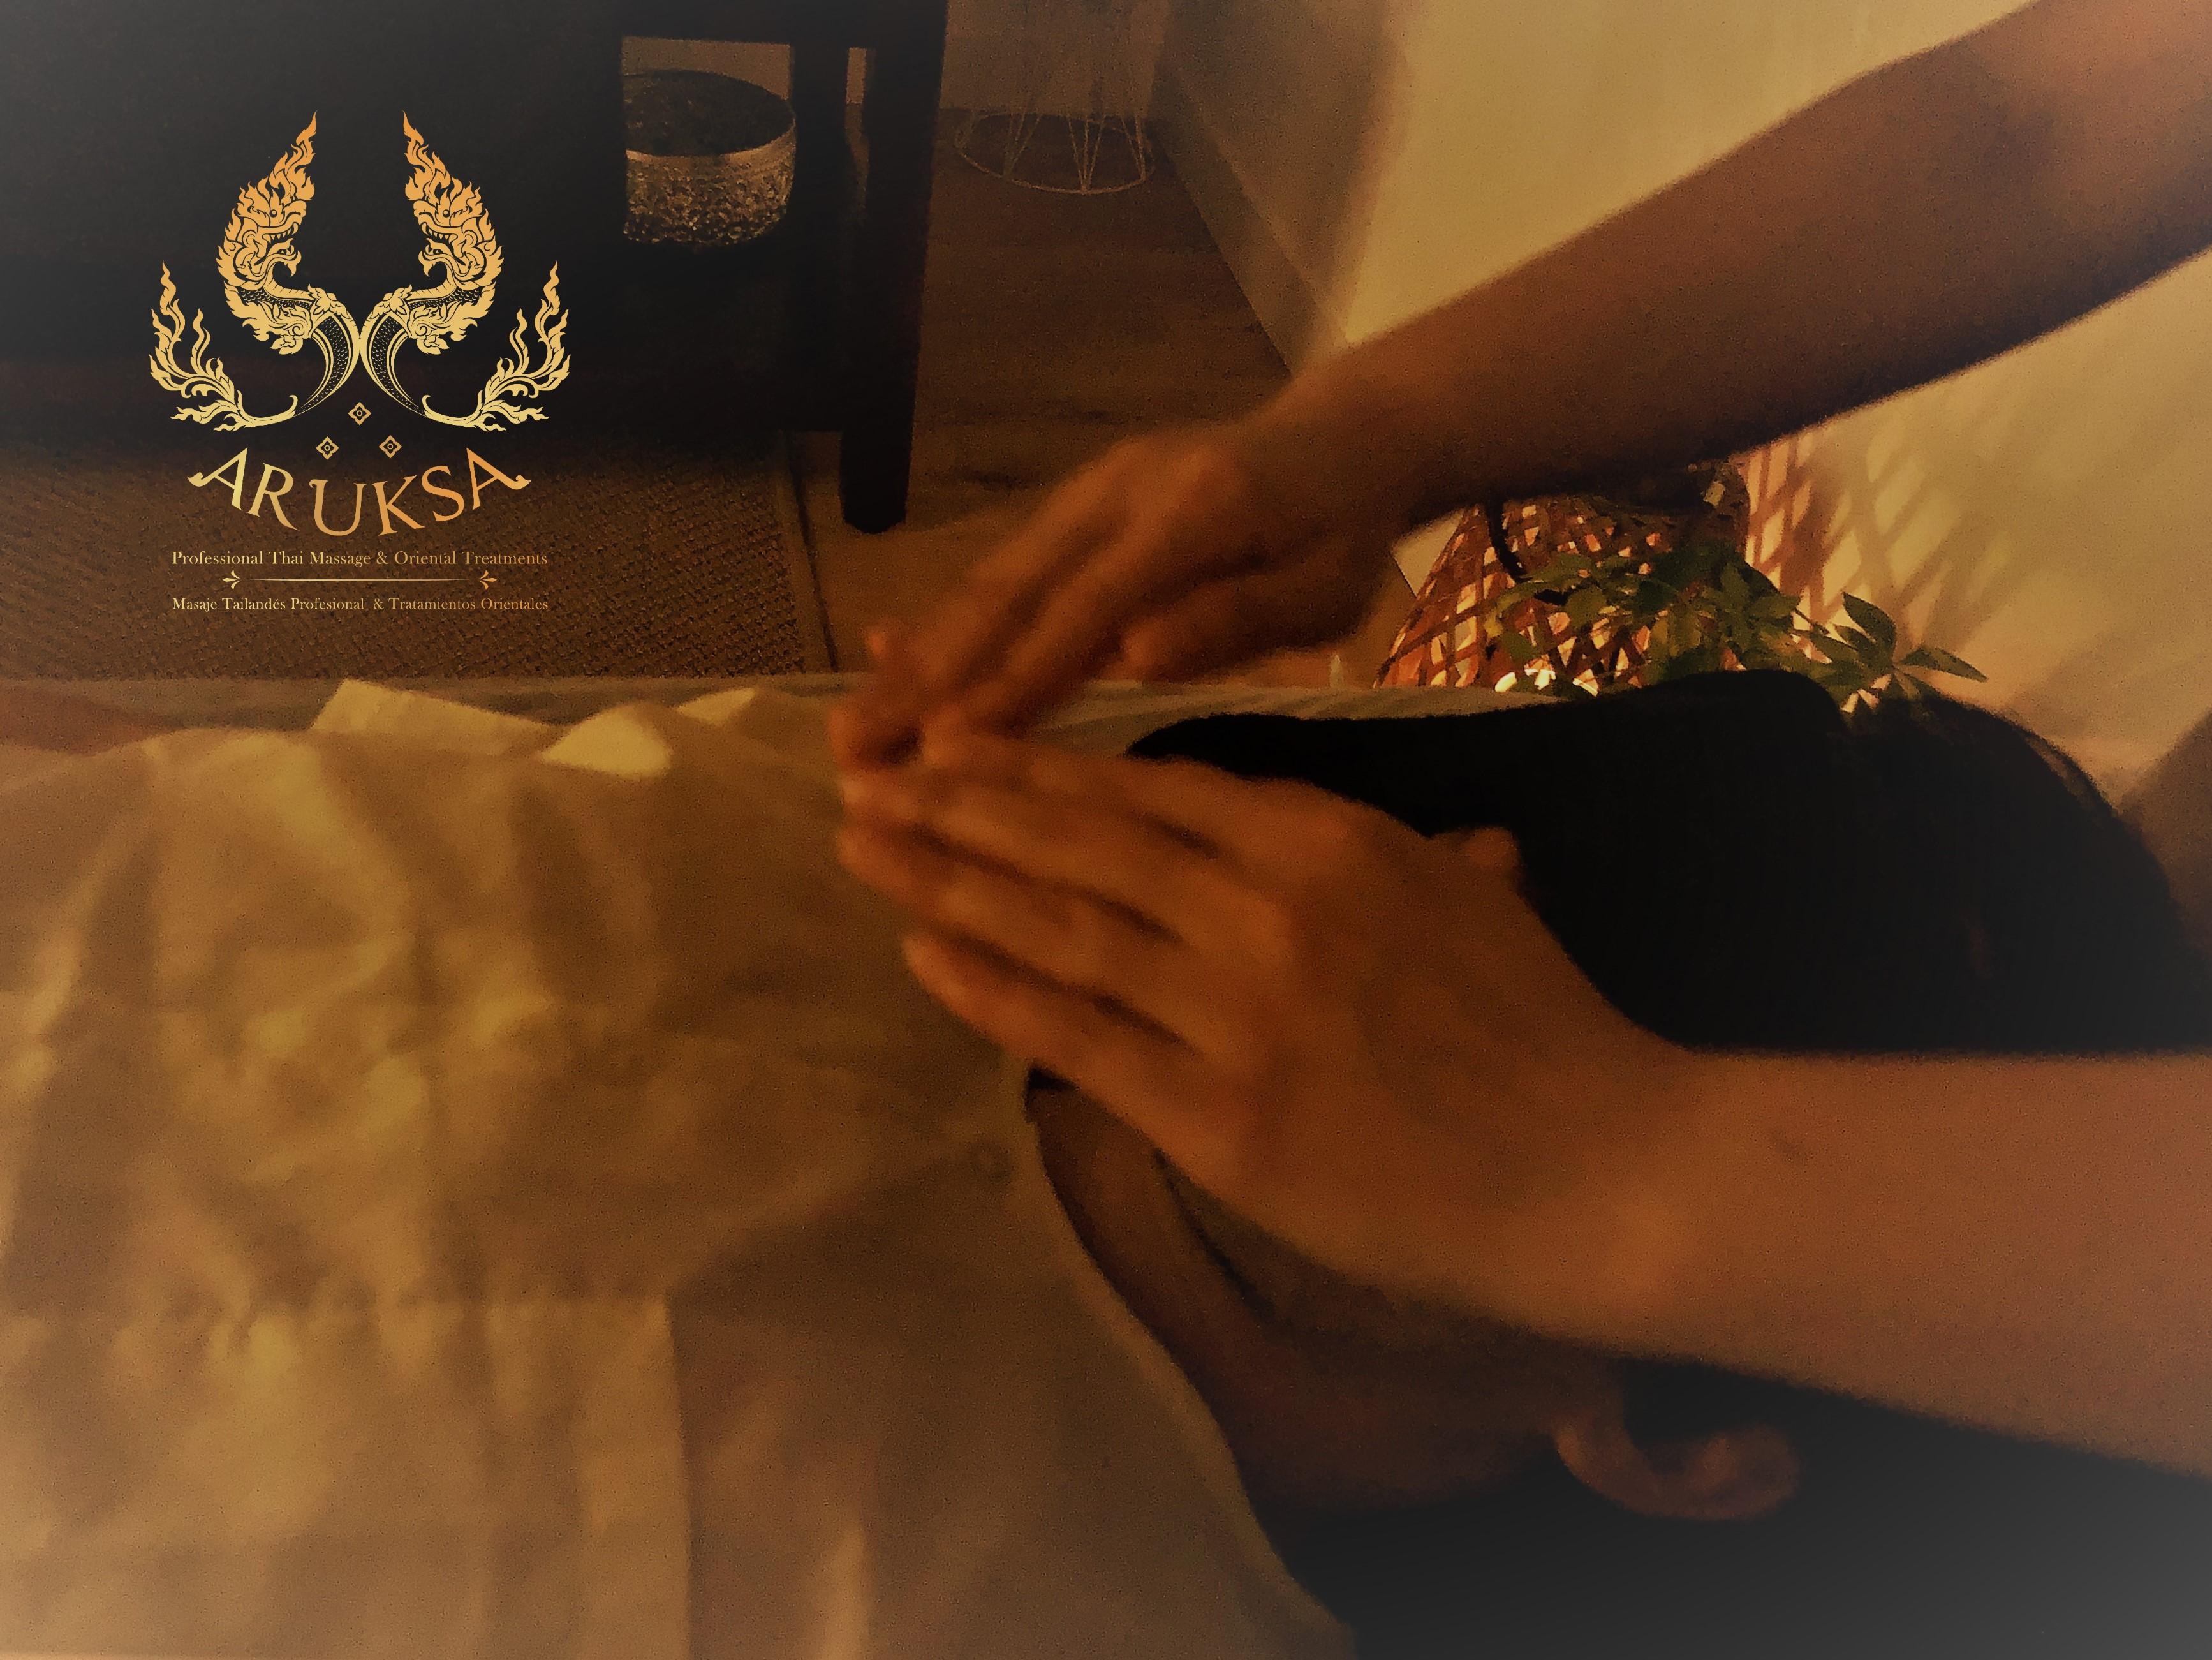 ARUKSA Thai Massage